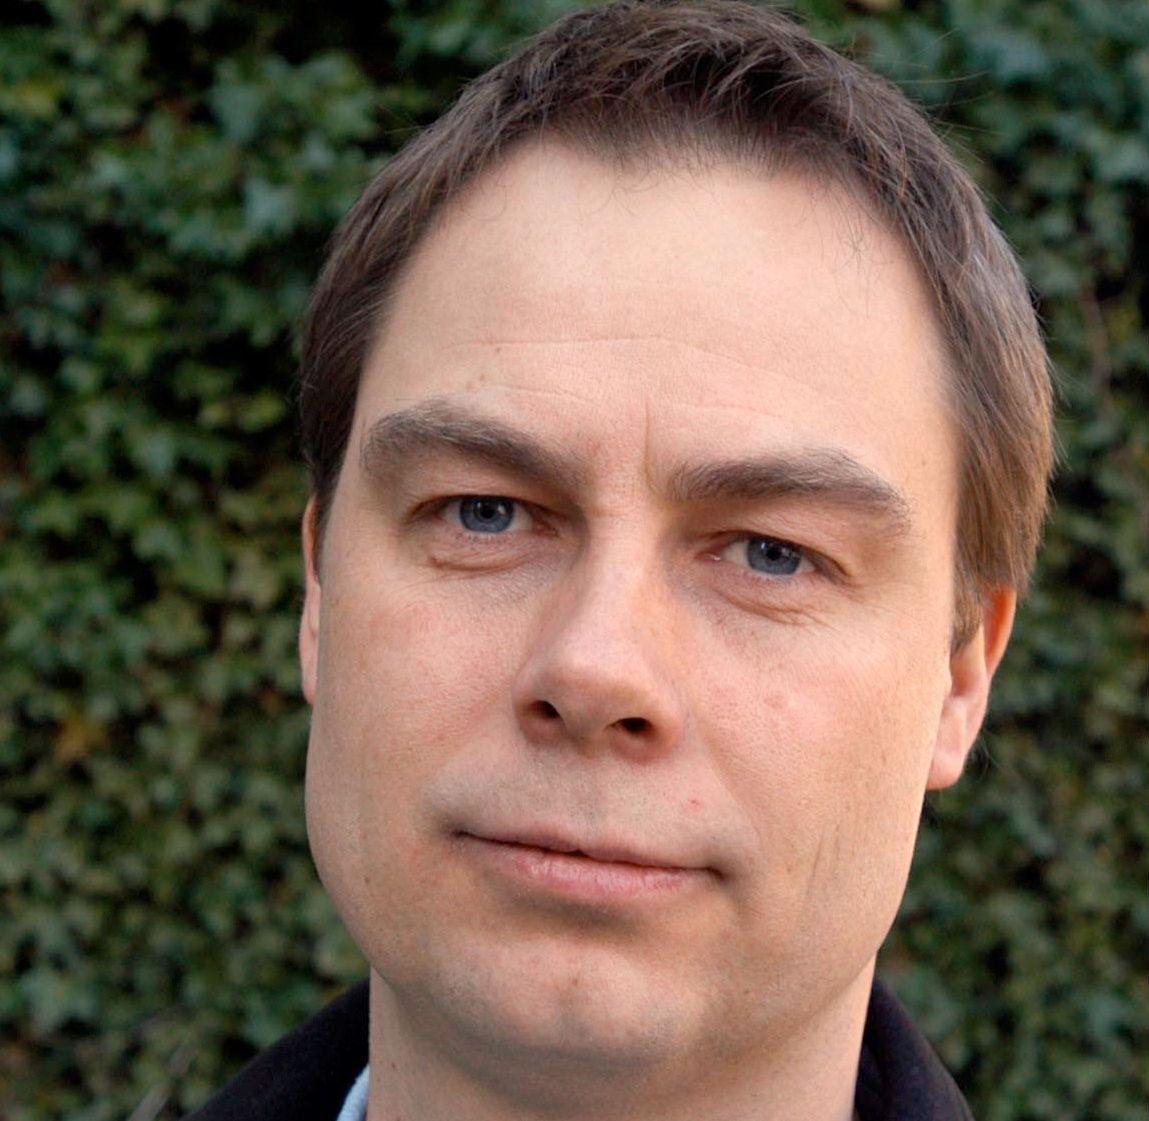 Jens E. Kjeldsen